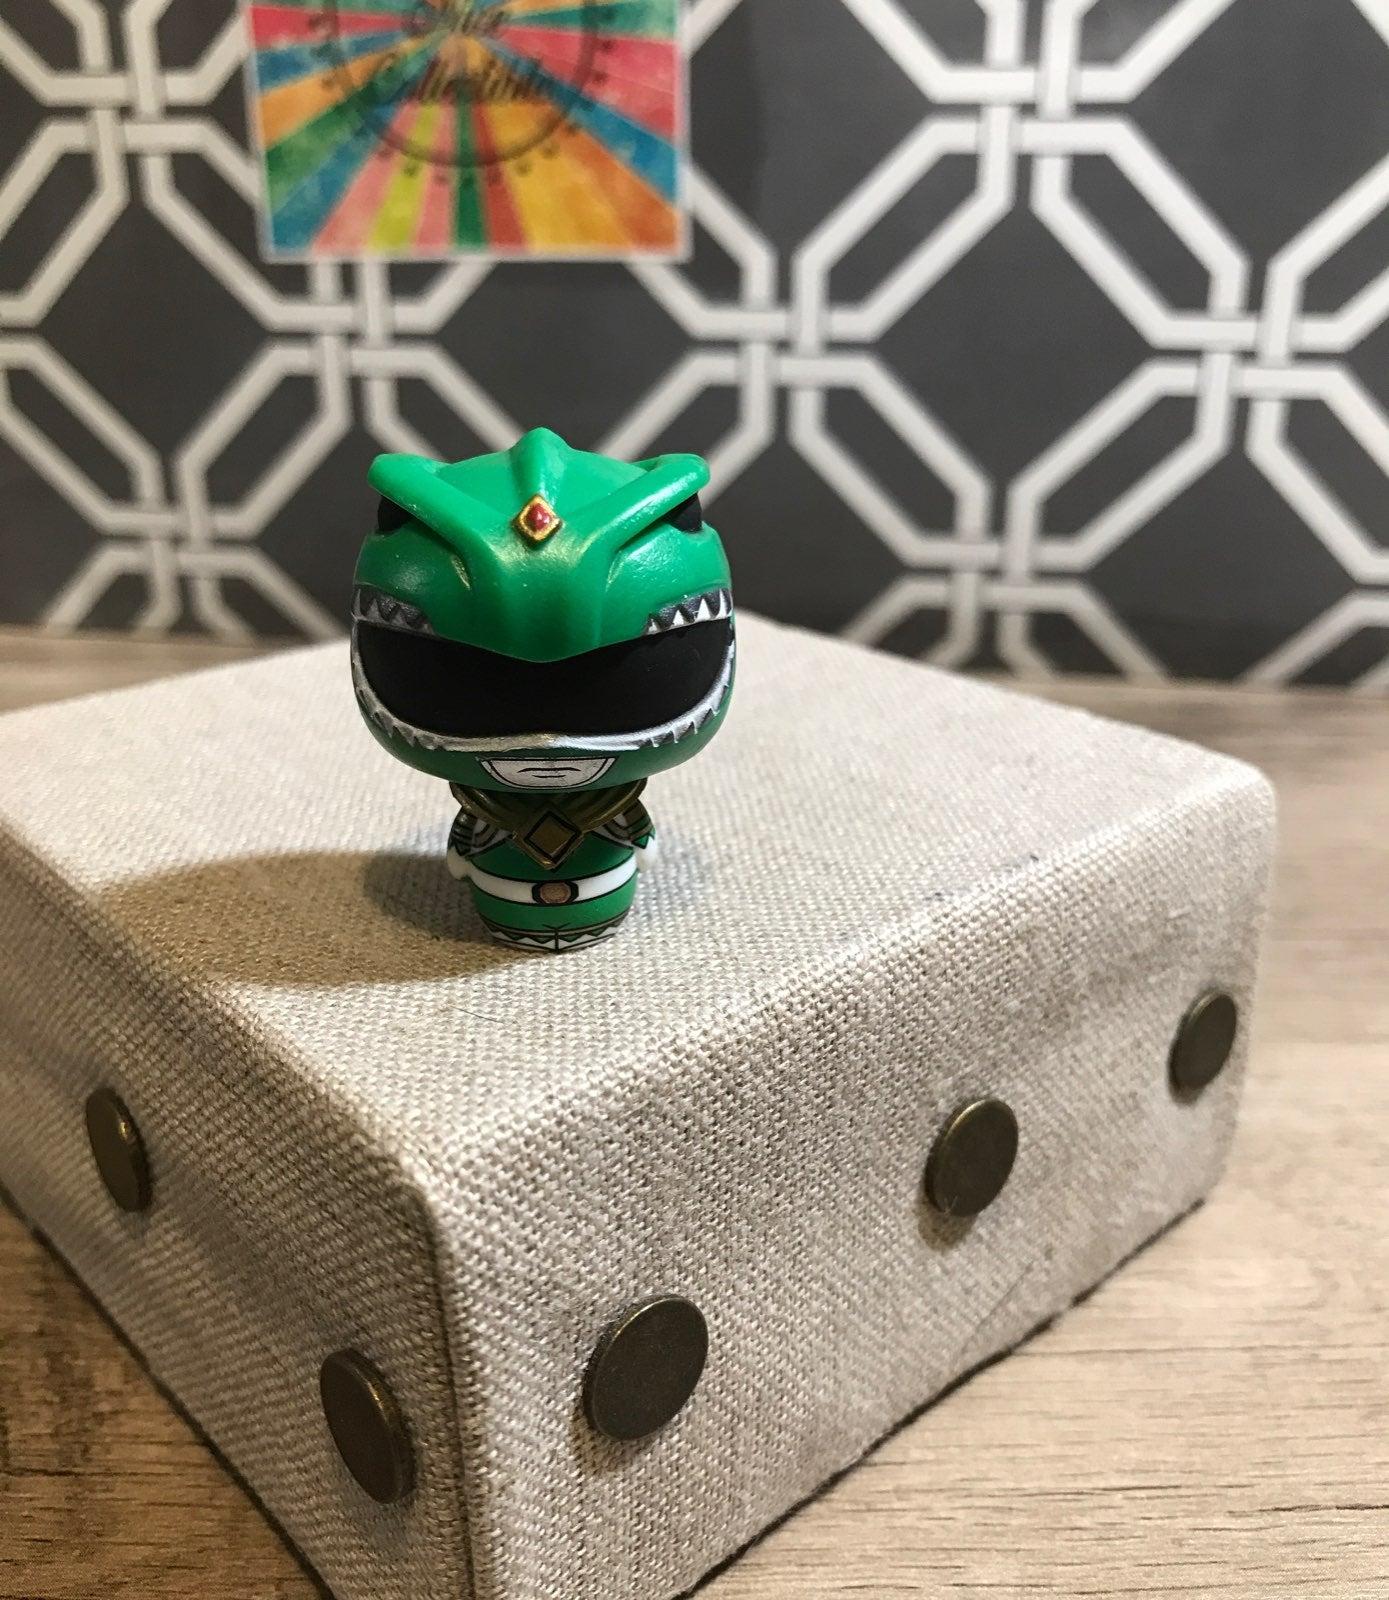 Pint Size Hero Green Power Ranger